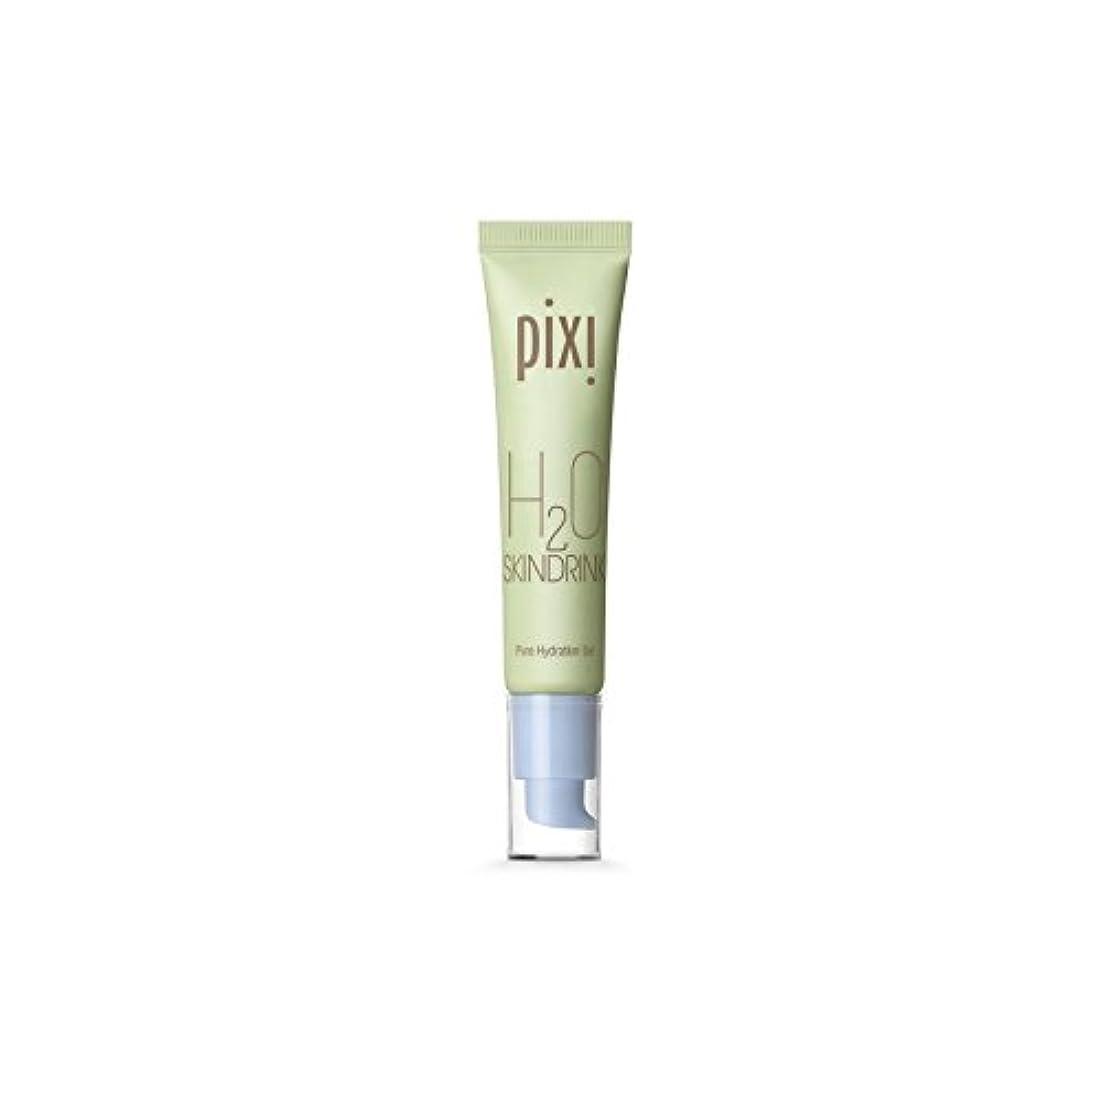 引き出す女将インフラ20スキンドリンク x2 - Pixi H20 Skin Drink (Pack of 2) [並行輸入品]